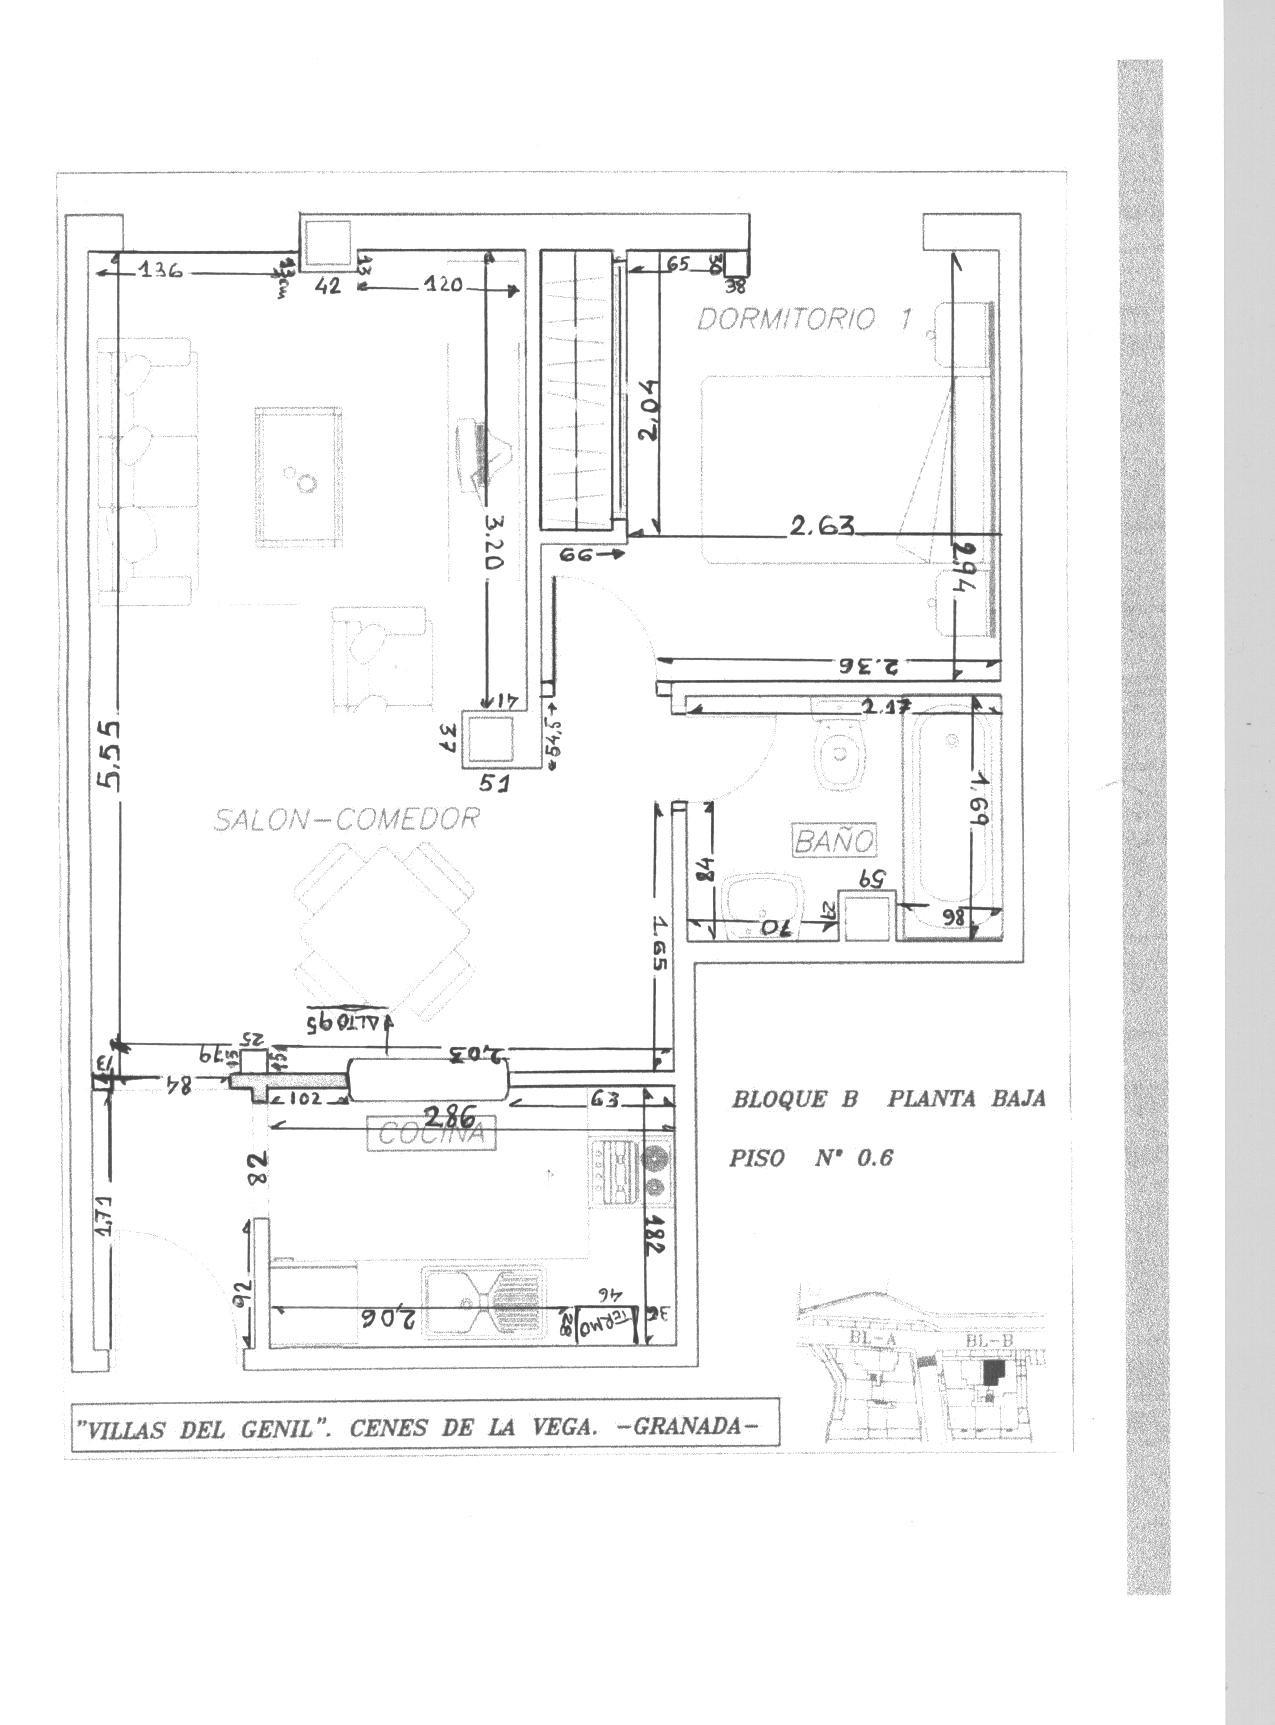 Vendo apartamento cenes de la vega granada deportes 92 for Libro medidas de una casa